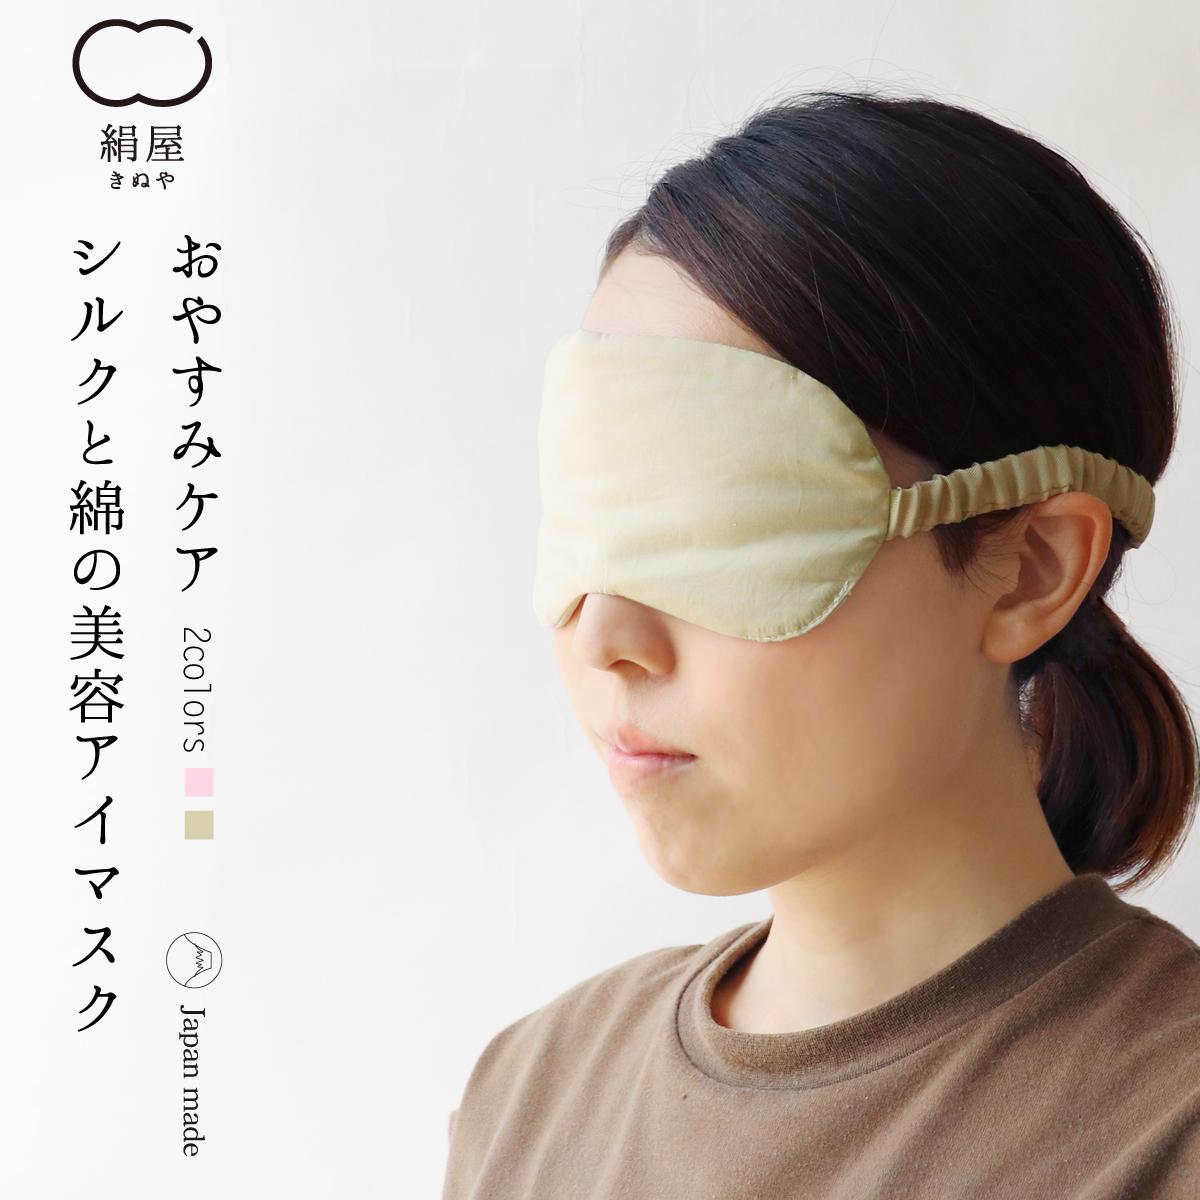 目に直接当たる面はシルク 外側は綿のやさしい美容アイマスクです 後ろのバンド部分もシルクを使っているので髪にも優しく 摩擦によるダメージや髪のひっかかりを軽減します シルク と 綿 の 美容 ギフト 現品 プレゼント 絹屋 大放出セール コスメ 母の日 天然由来 日本製 アイマスク